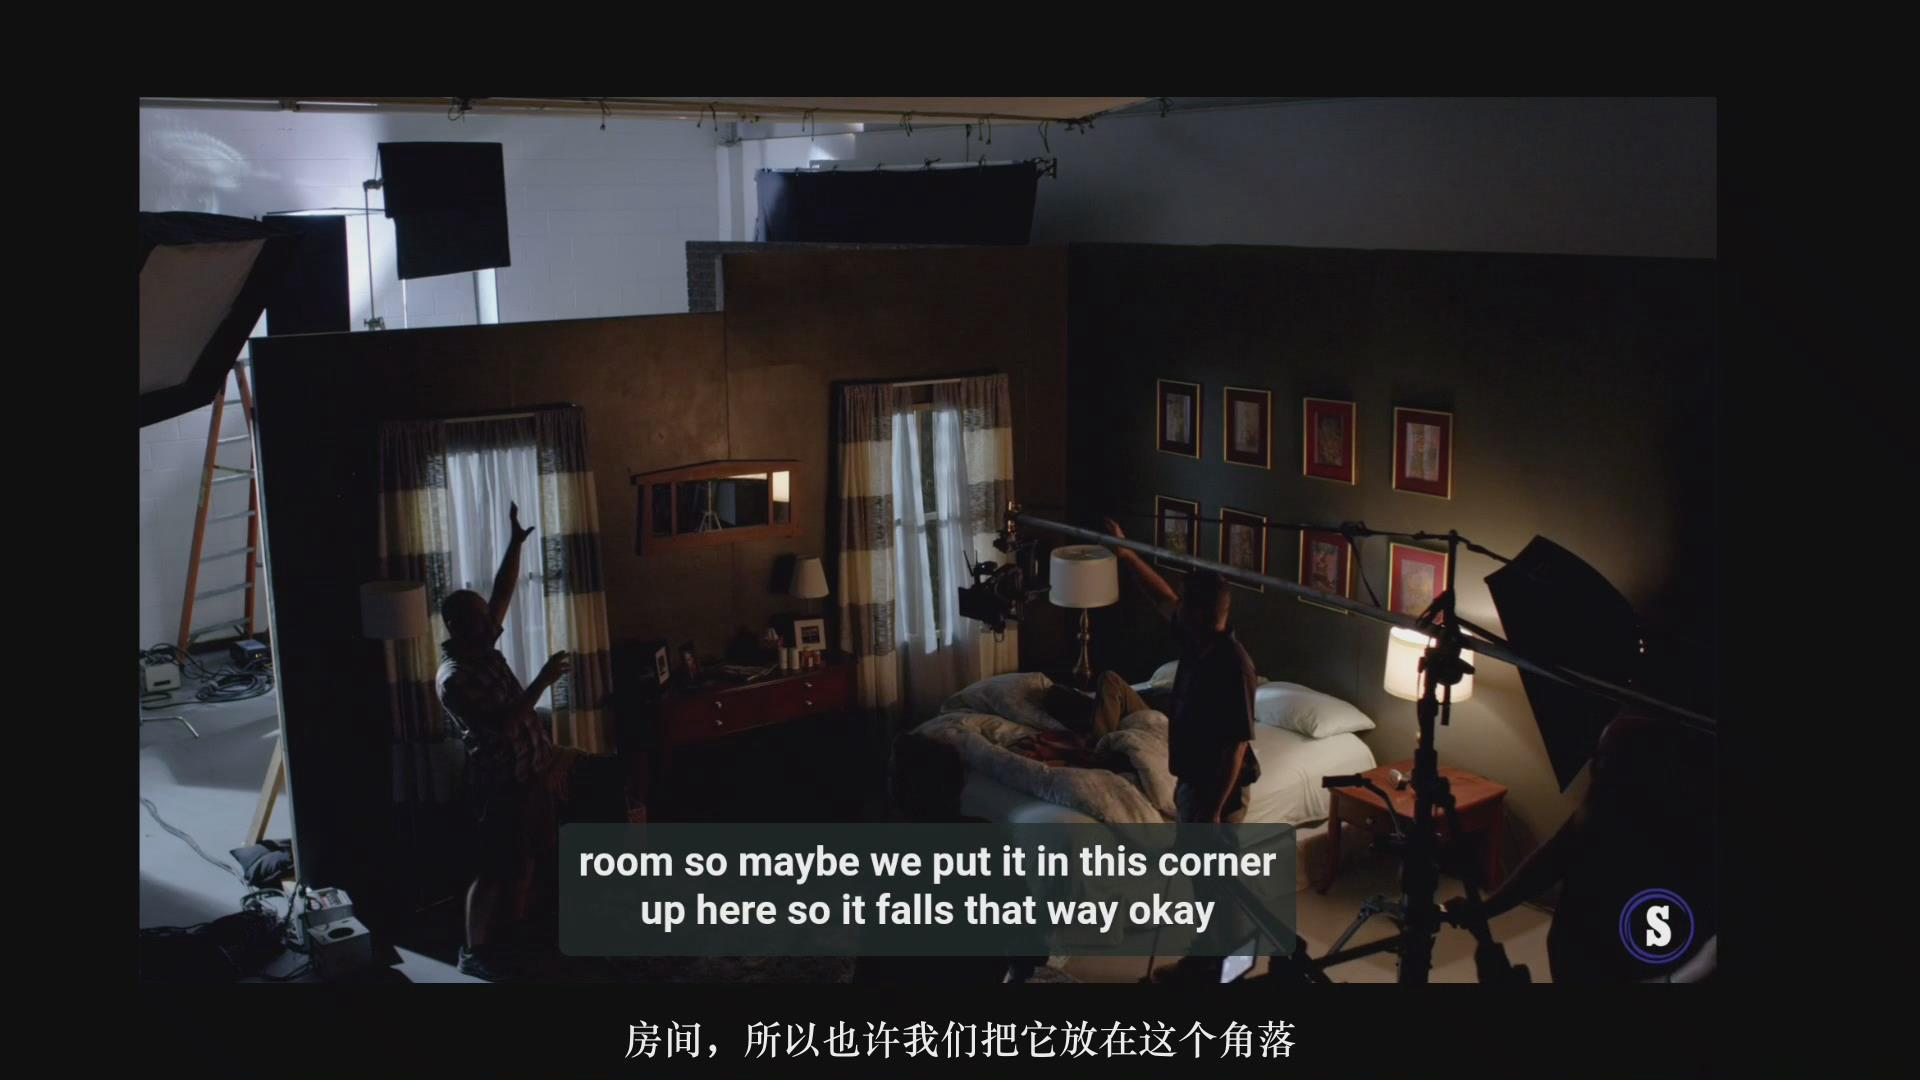 摄影教程_Hurlbut Academy–如何为电影在夜景室内场景布光营造自然外观-中文字幕 摄影教程 _预览图10